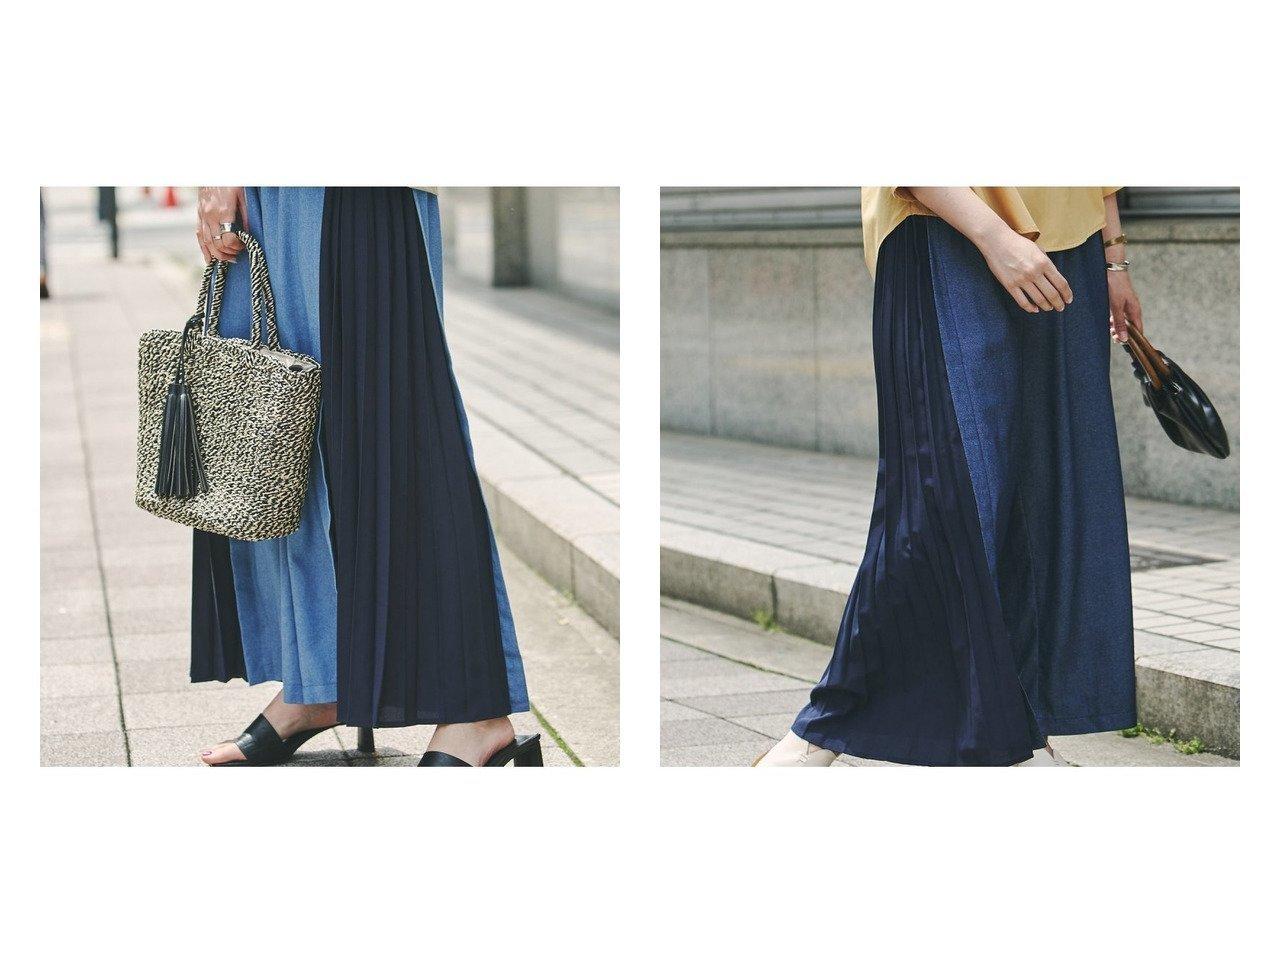 【Chez toi/シェトワ】のデニムサイドプリーツパンツ おすすめ!人気、トレンド・レディースファッションの通販 おすすめで人気の流行・トレンド、ファッションの通販商品 インテリア・家具・メンズファッション・キッズファッション・レディースファッション・服の通販 founy(ファニー) https://founy.com/ ファッション Fashion レディースファッション WOMEN パンツ Pants 吸水 ジーンズ プリーツ 無地 リラックス 再入荷 Restock/Back in Stock/Re Arrival NEW・新作・新着・新入荷 New Arrivals |ID:crp329100000064063